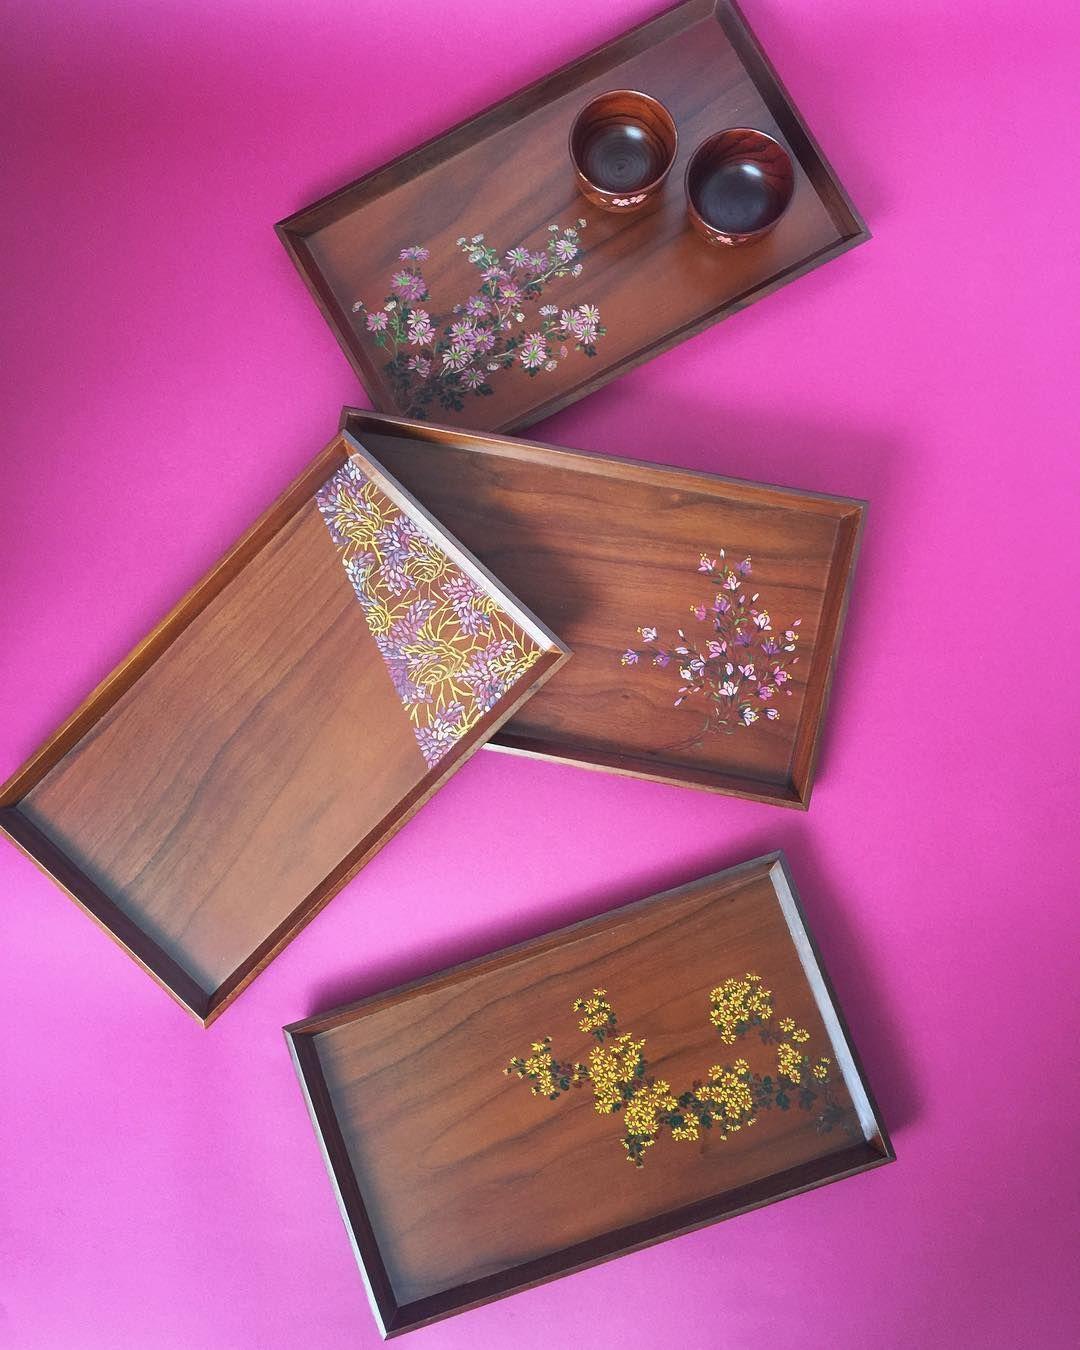 봄향기 물씬나는 아리지안 호두나무 트레이🍬 #arijian #wooden #tray #plate #woodenart #handmade #oneofakind #flowerpattern #design #walnut #tree #artsy #artlover #onthetable #diningtabledecor #handcrafted #gift #아리지안 #옻칠 #칠화 #나무트레이 #트레이 #쟁반 #공예 #봄 #테이블웨어 #온더테이블 #작품